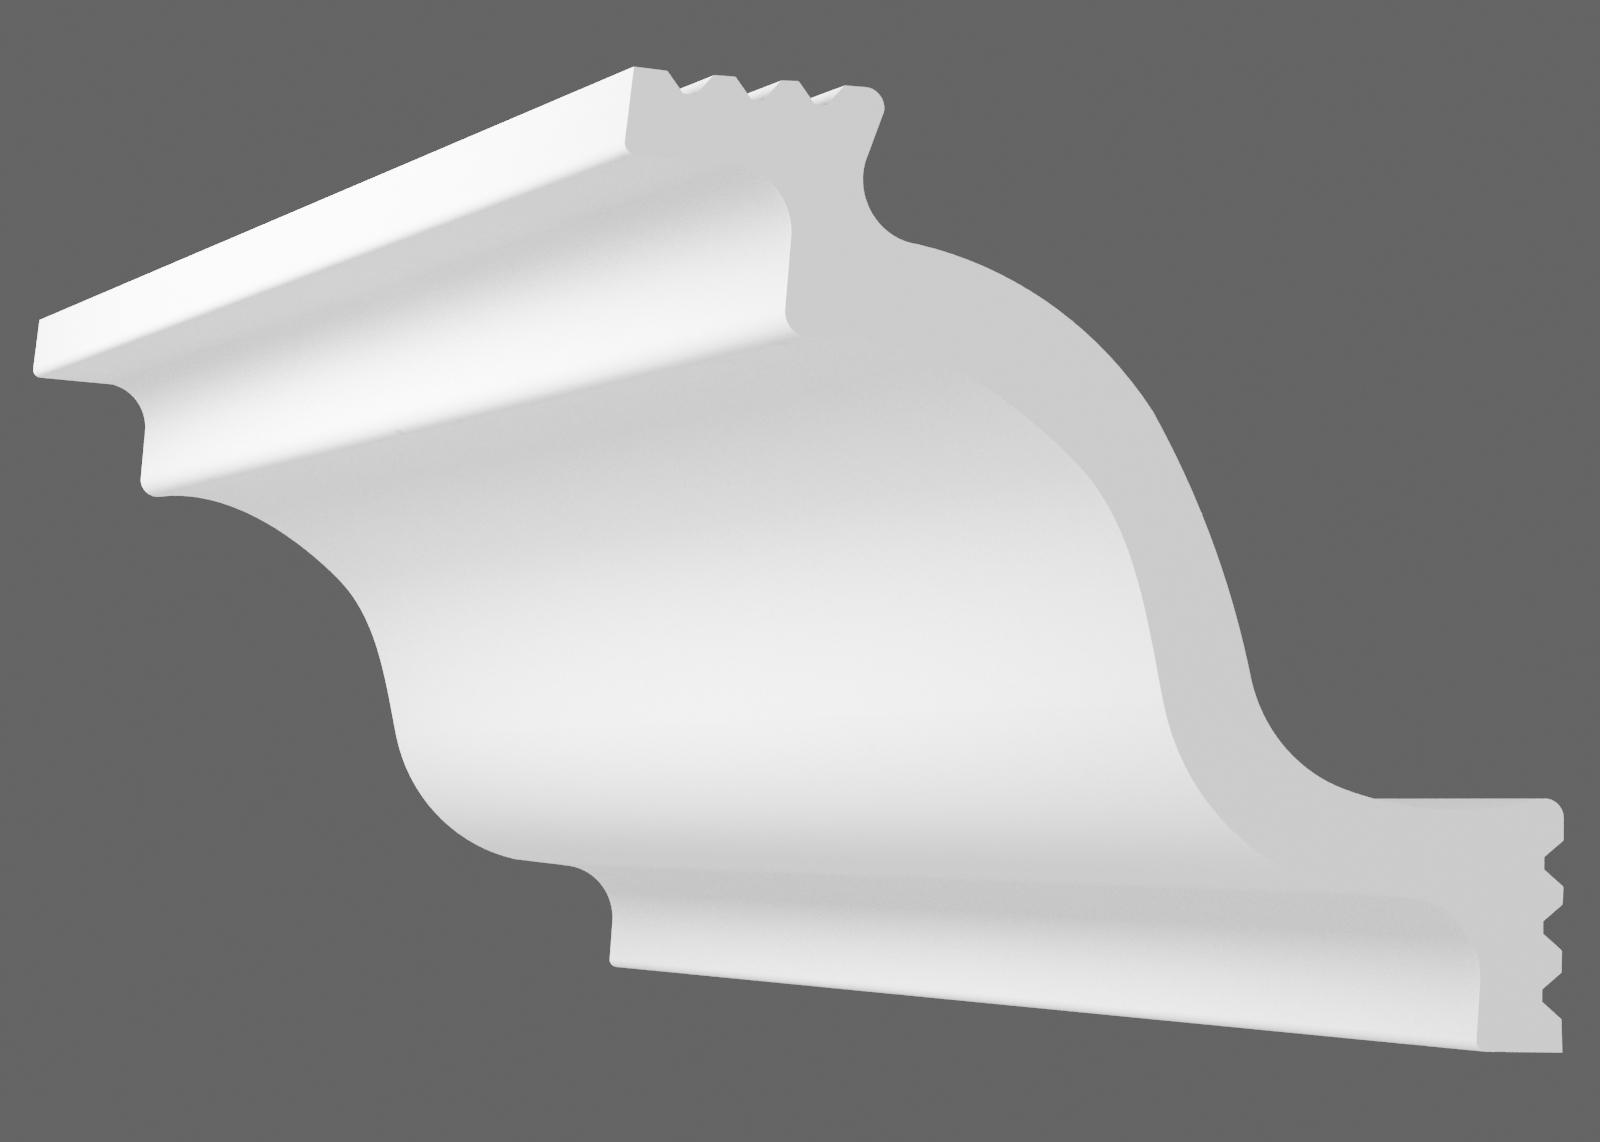 Потолочный плинтус M-95 (Размер:65х70мм)